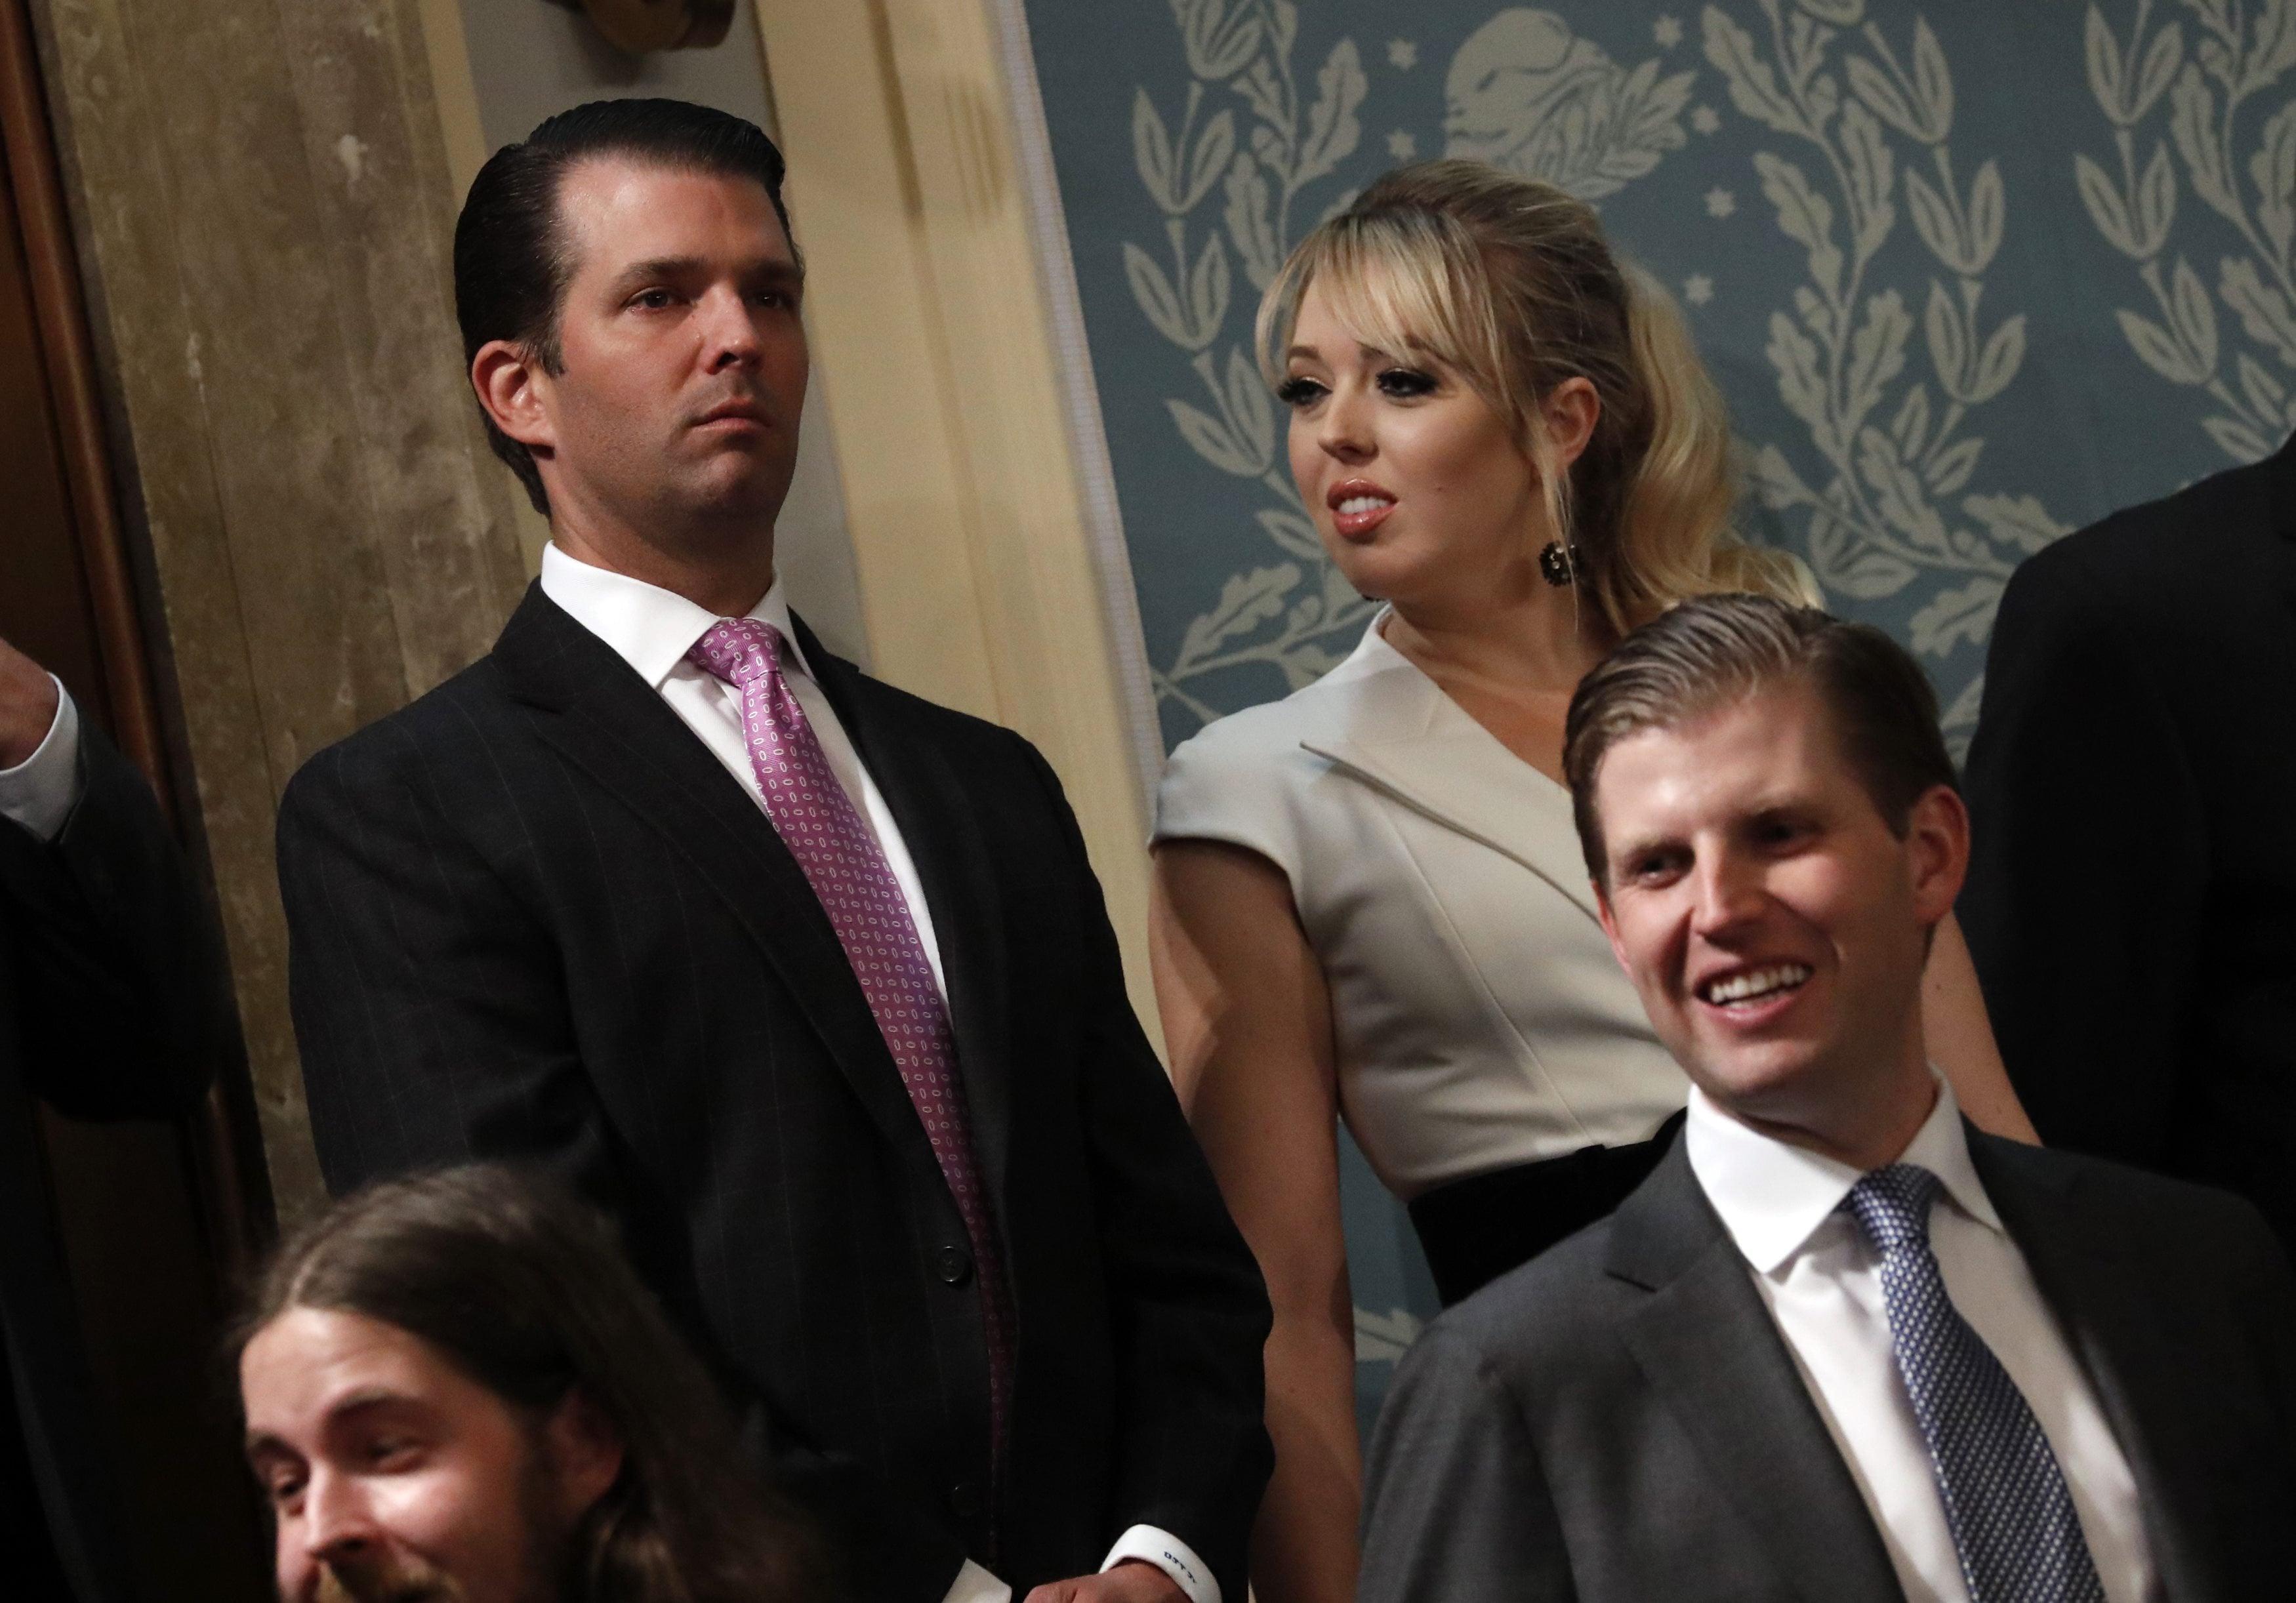 Donald Trump Jr Tiffany Trump And Eric Trump Attend